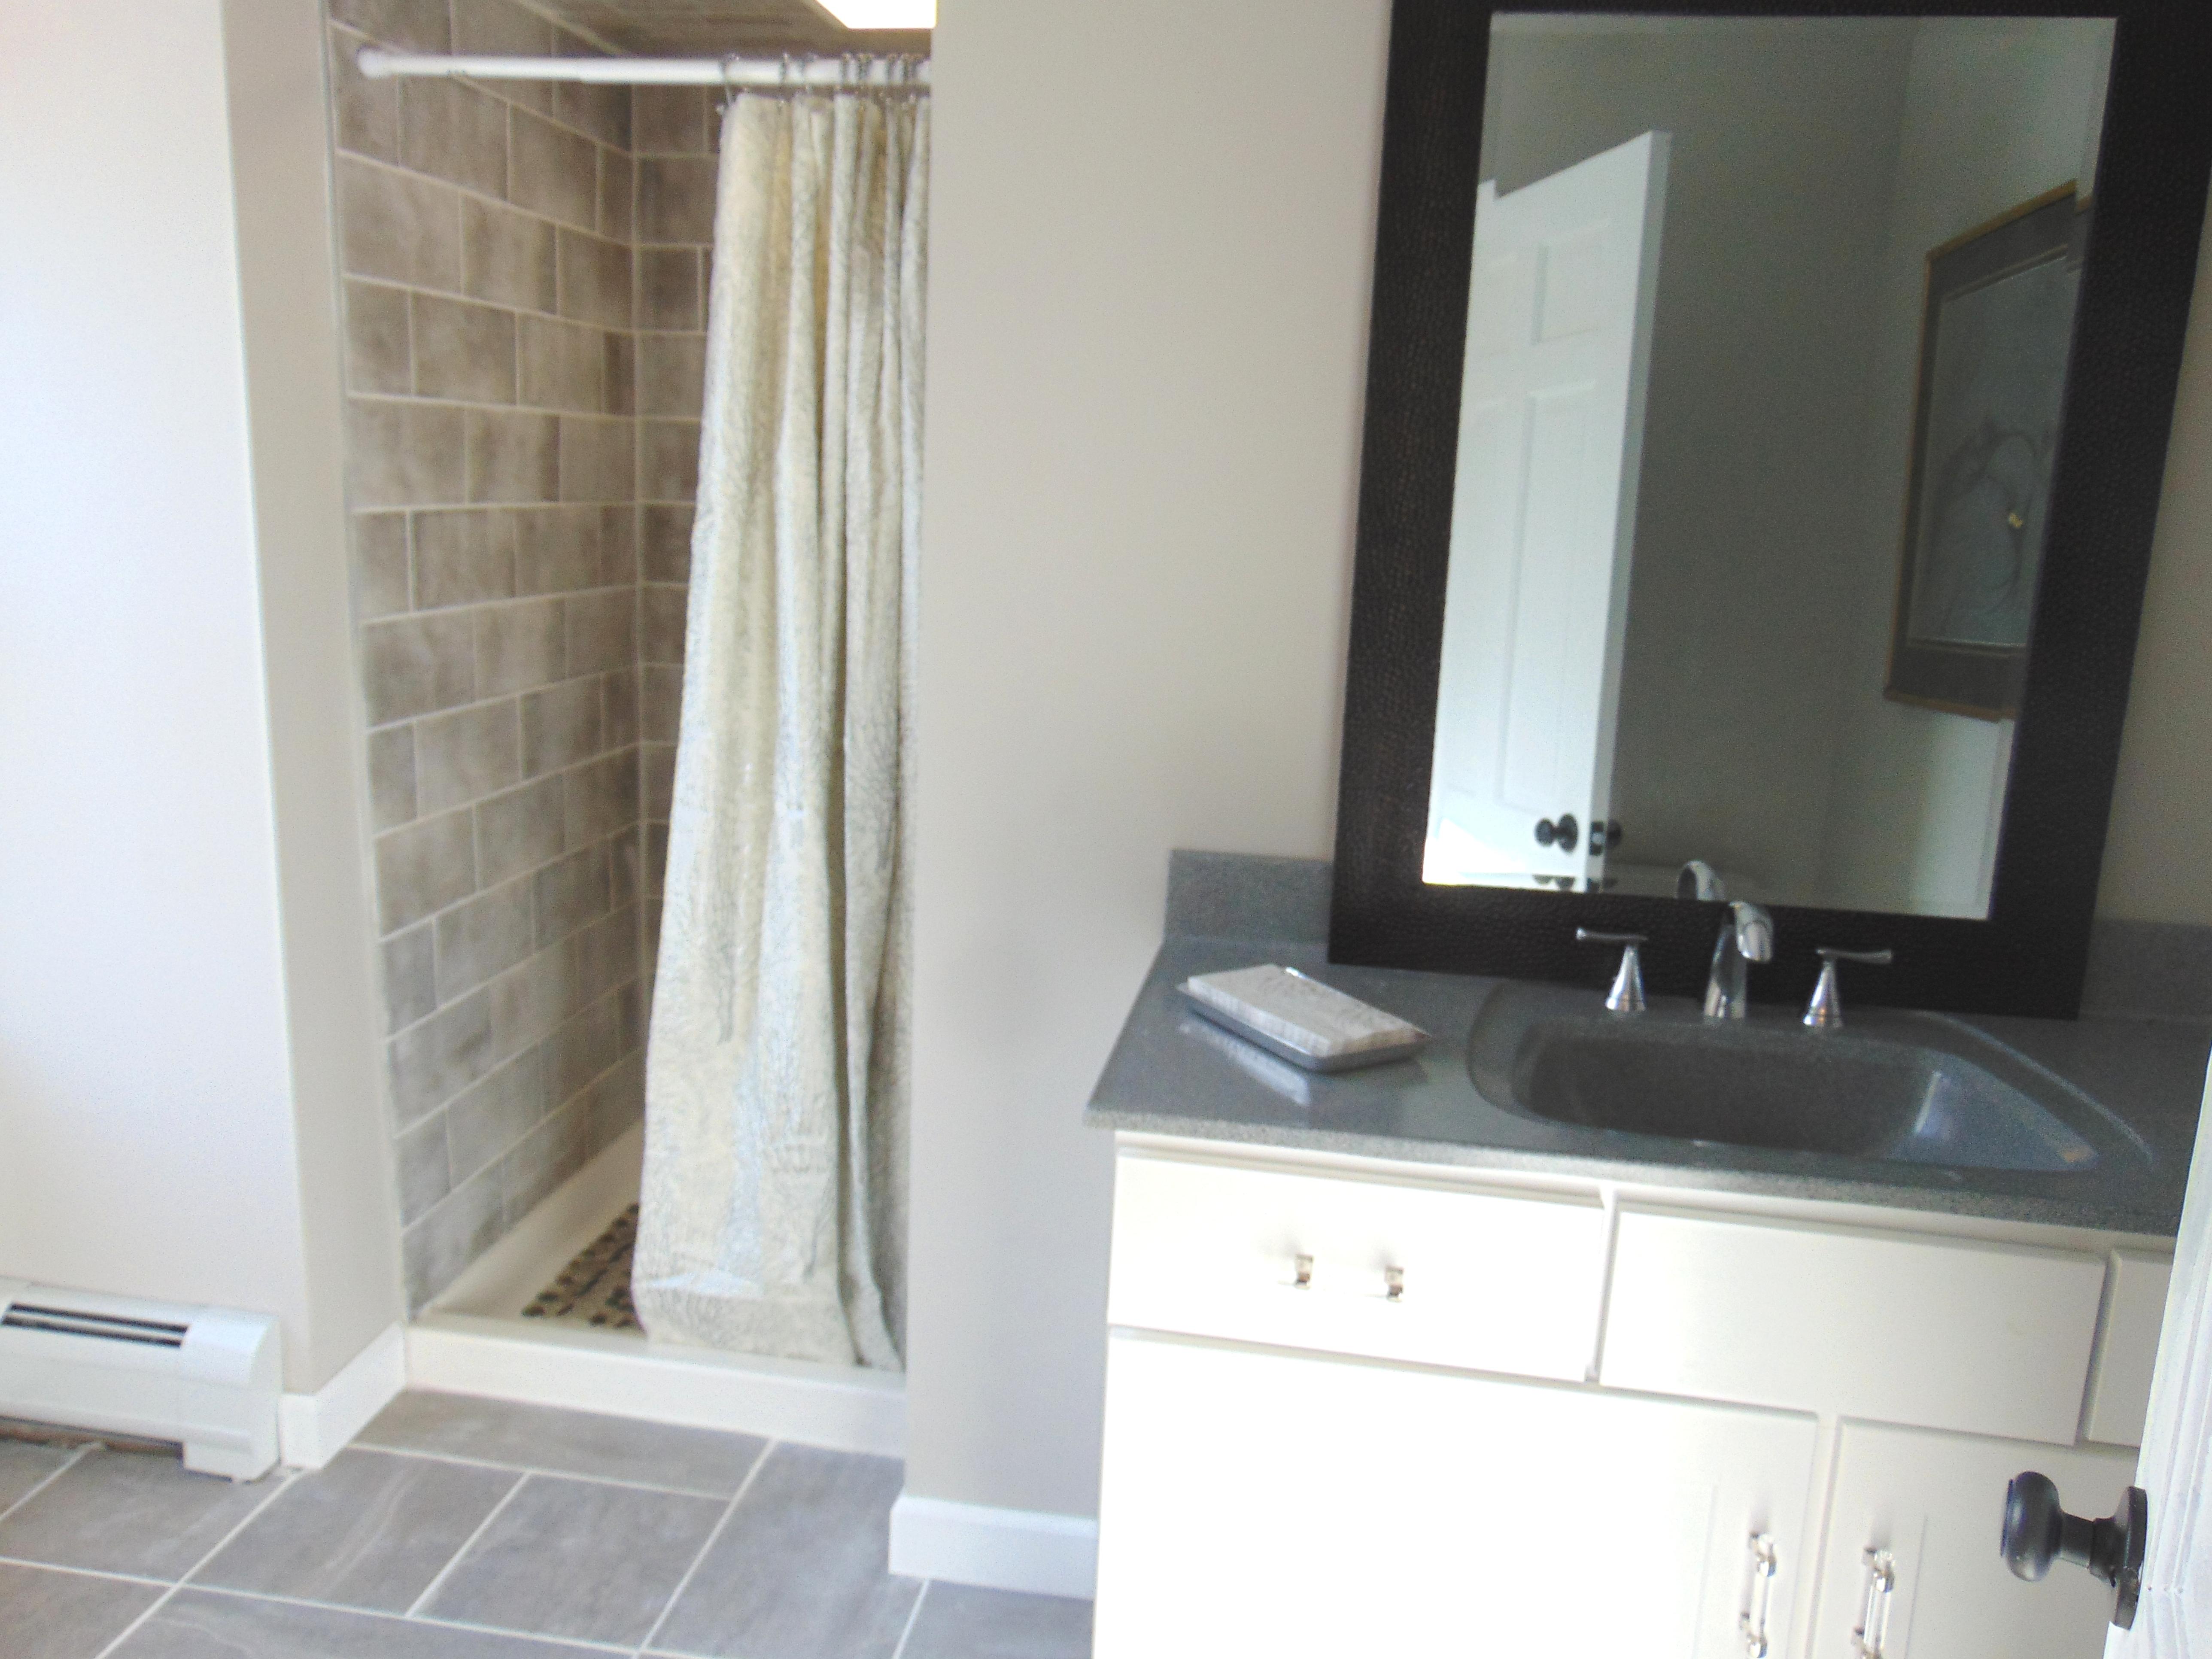 Excellent Find KOHLER Bathroom Amp Kitchen Products At Waterware Kitchen Amp Bath